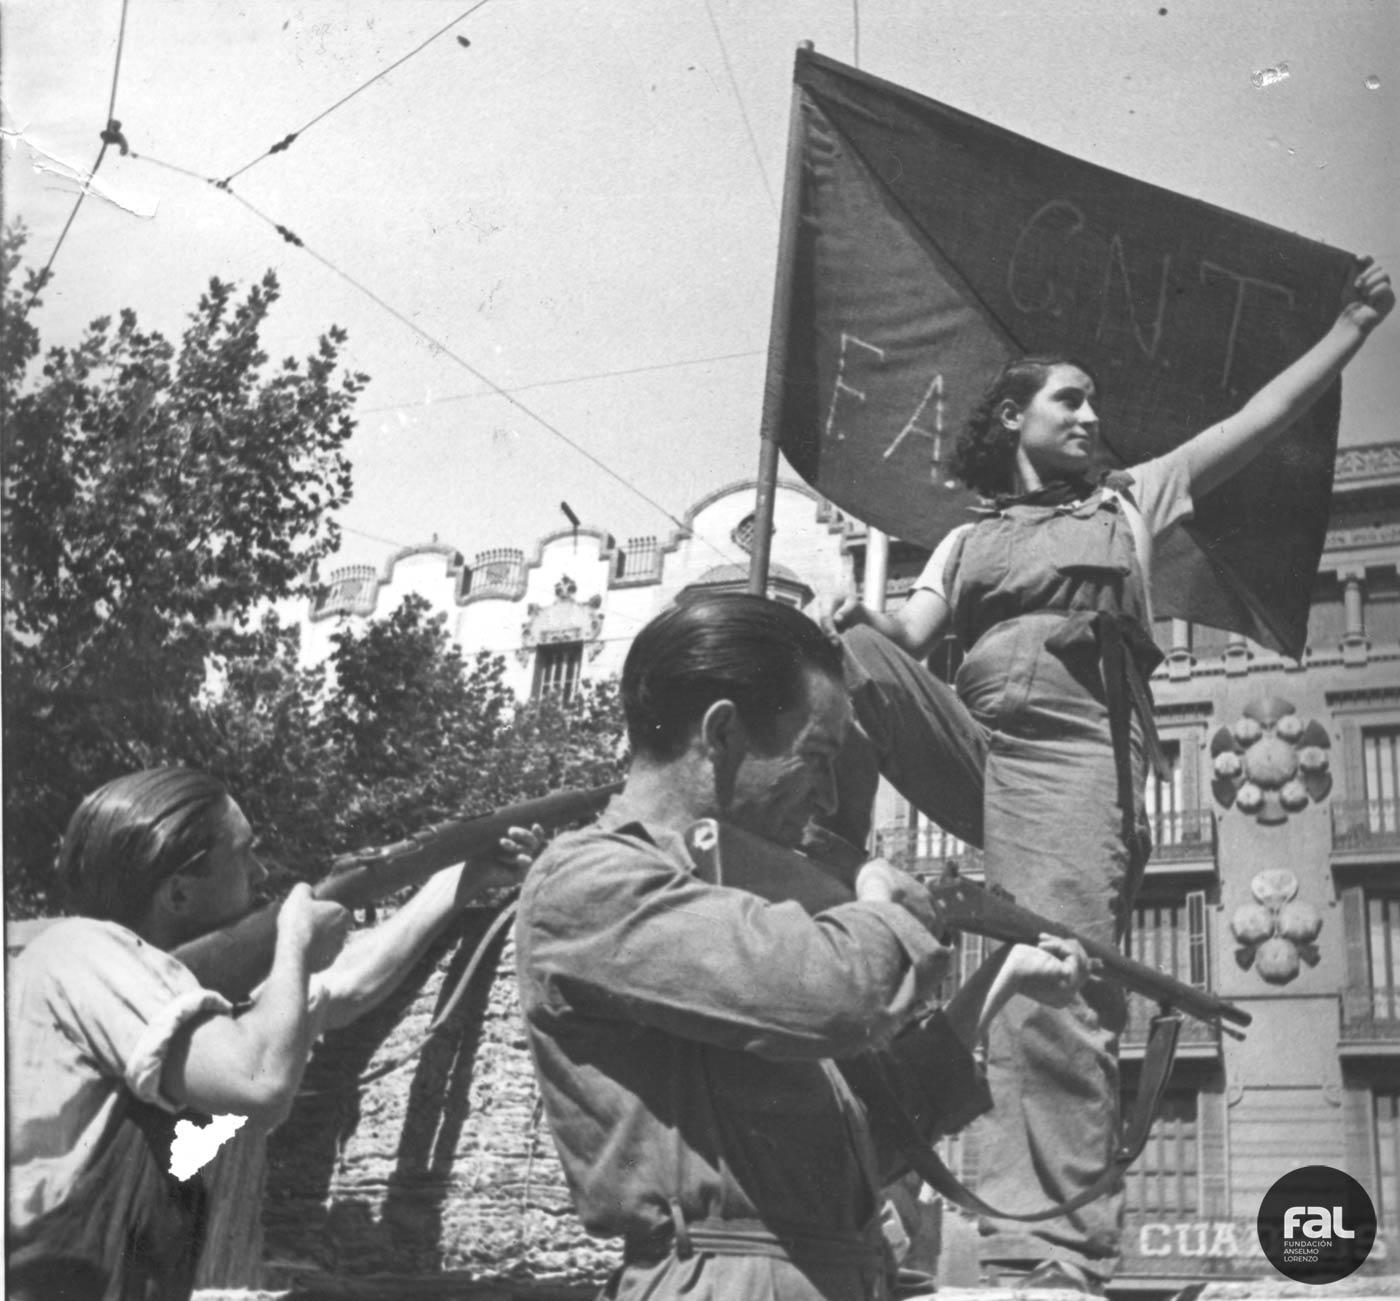 miliciana desplegando la bandera rojinegra de la libertad sobre una barricada en las Ramblas (Barcelona) tras la victoria sobre los fascistas.- Fundación Anselmo Lorenzo